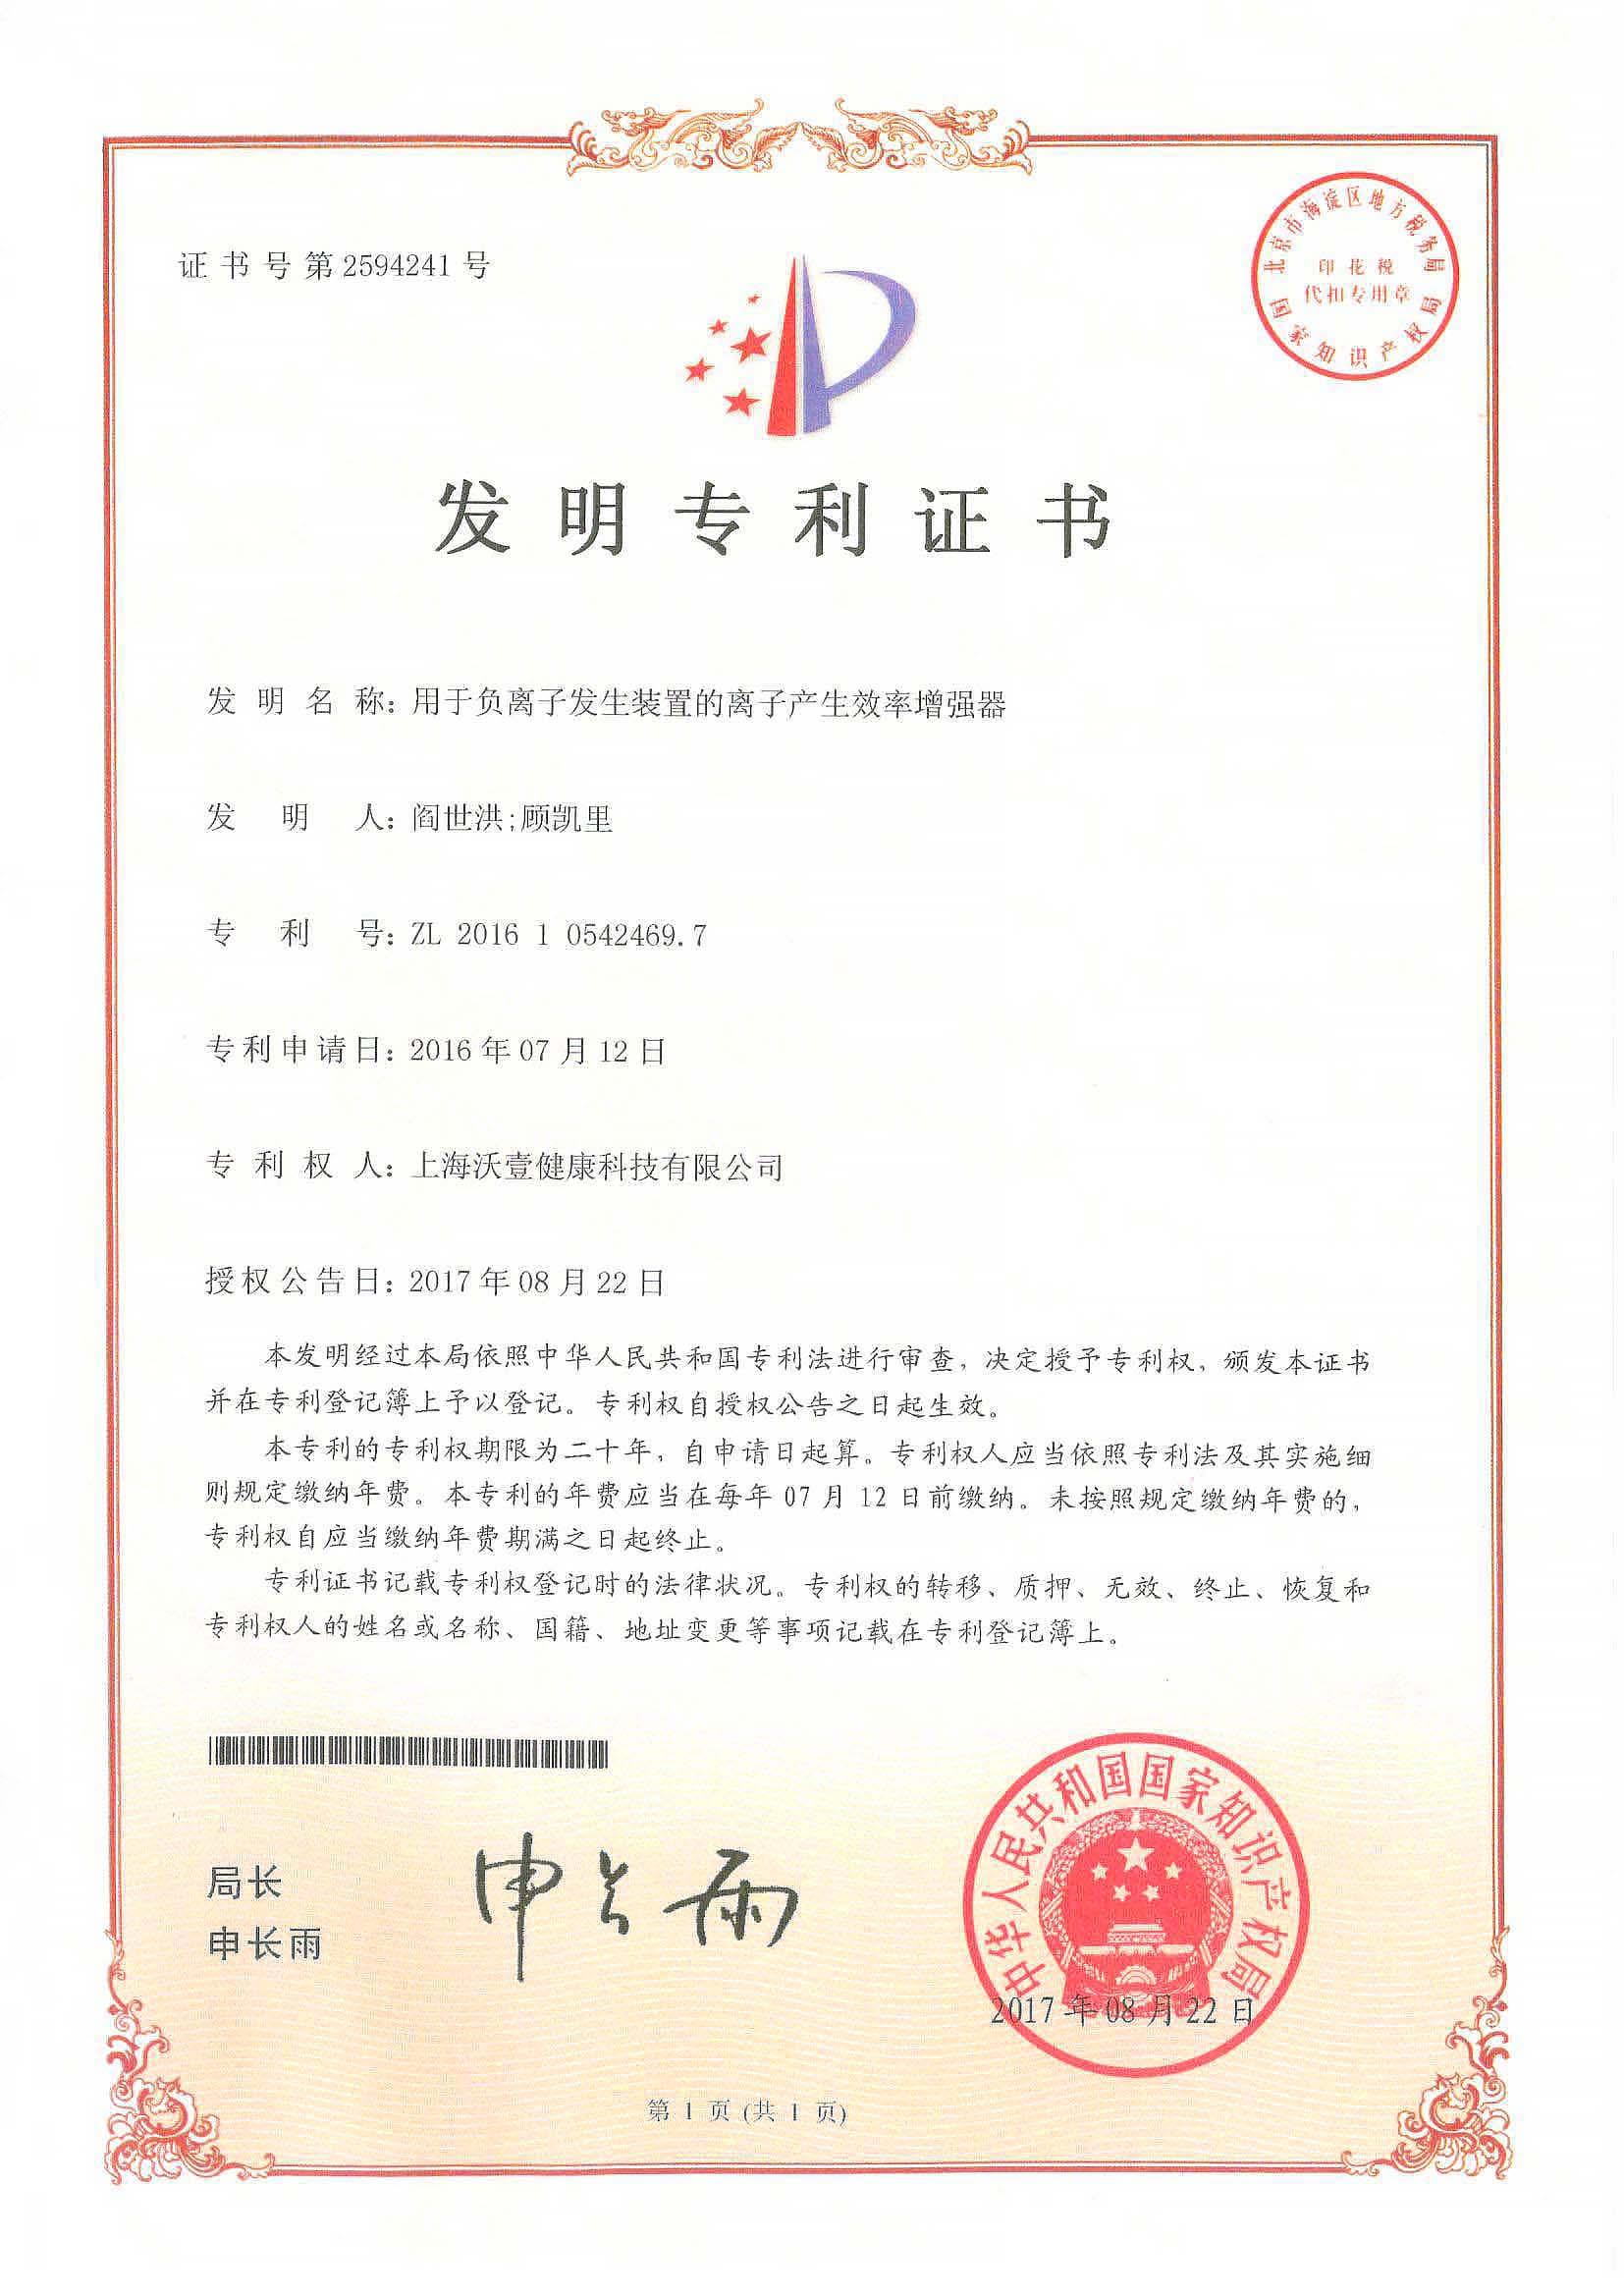 发明专利:用于负离子发生装置的离子产生效率增强器